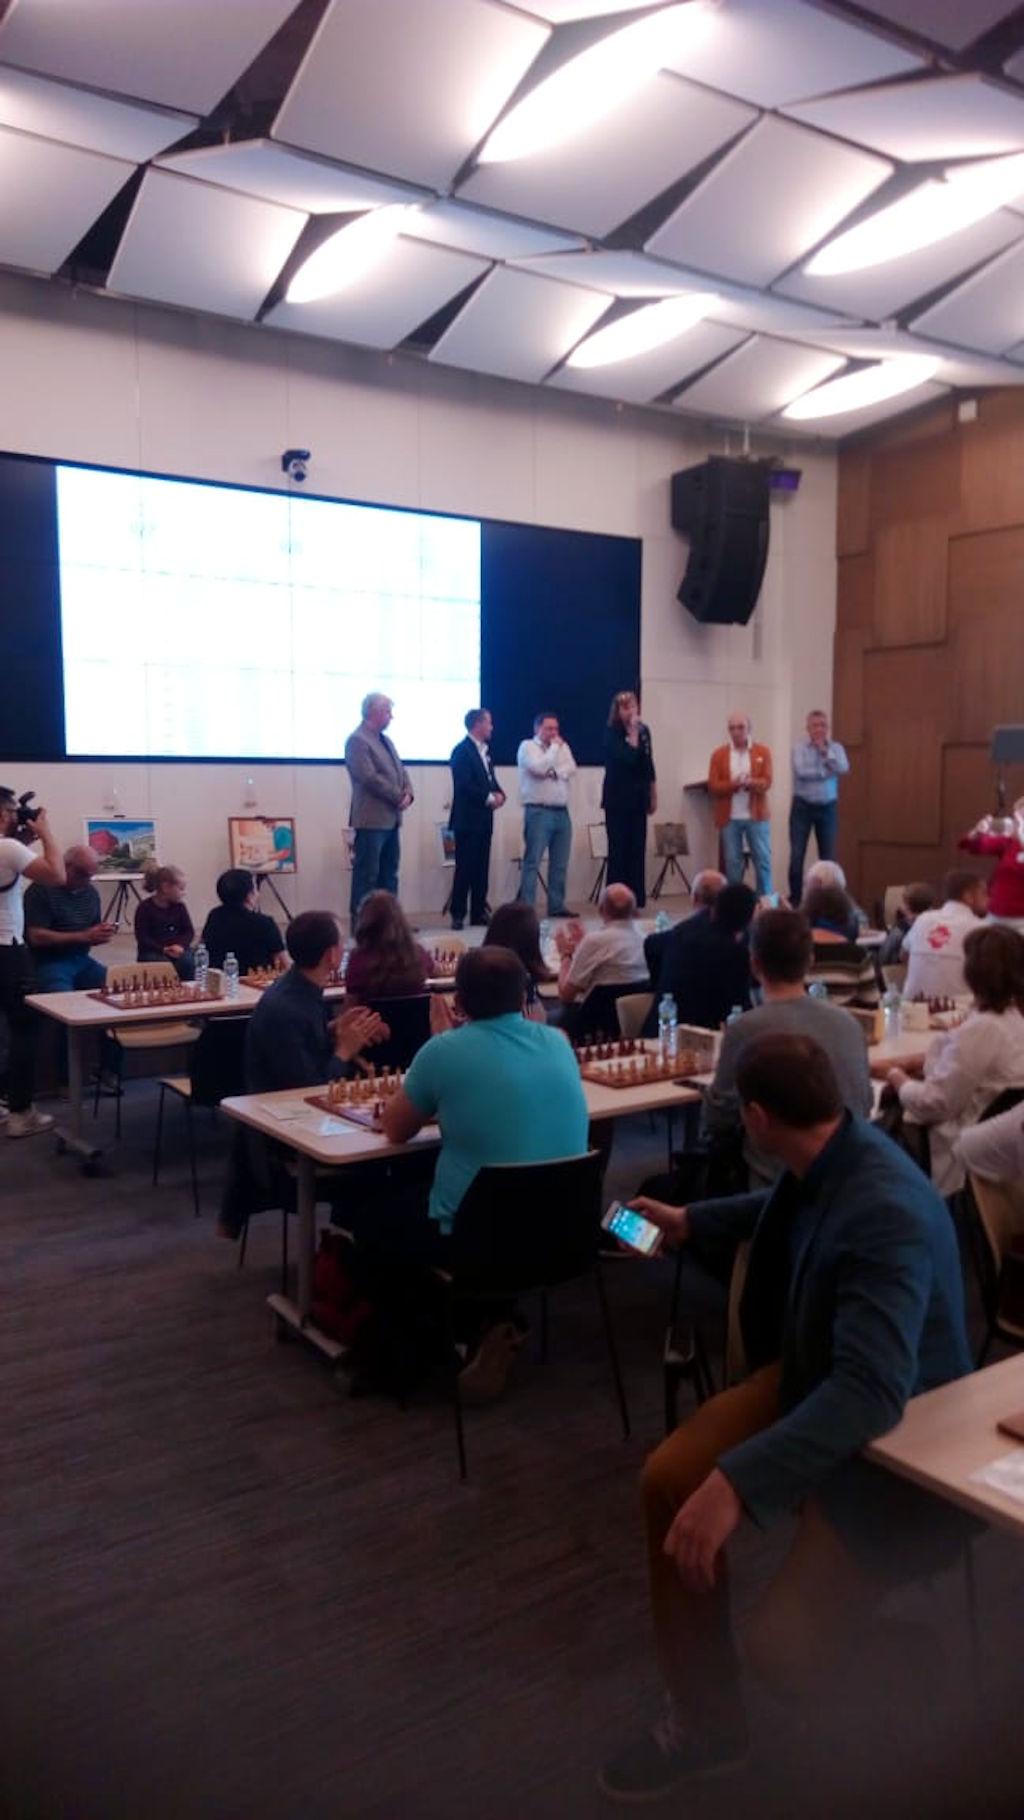 шахматный турнир между работниками больниц Департамента здравоохранения города Москвы